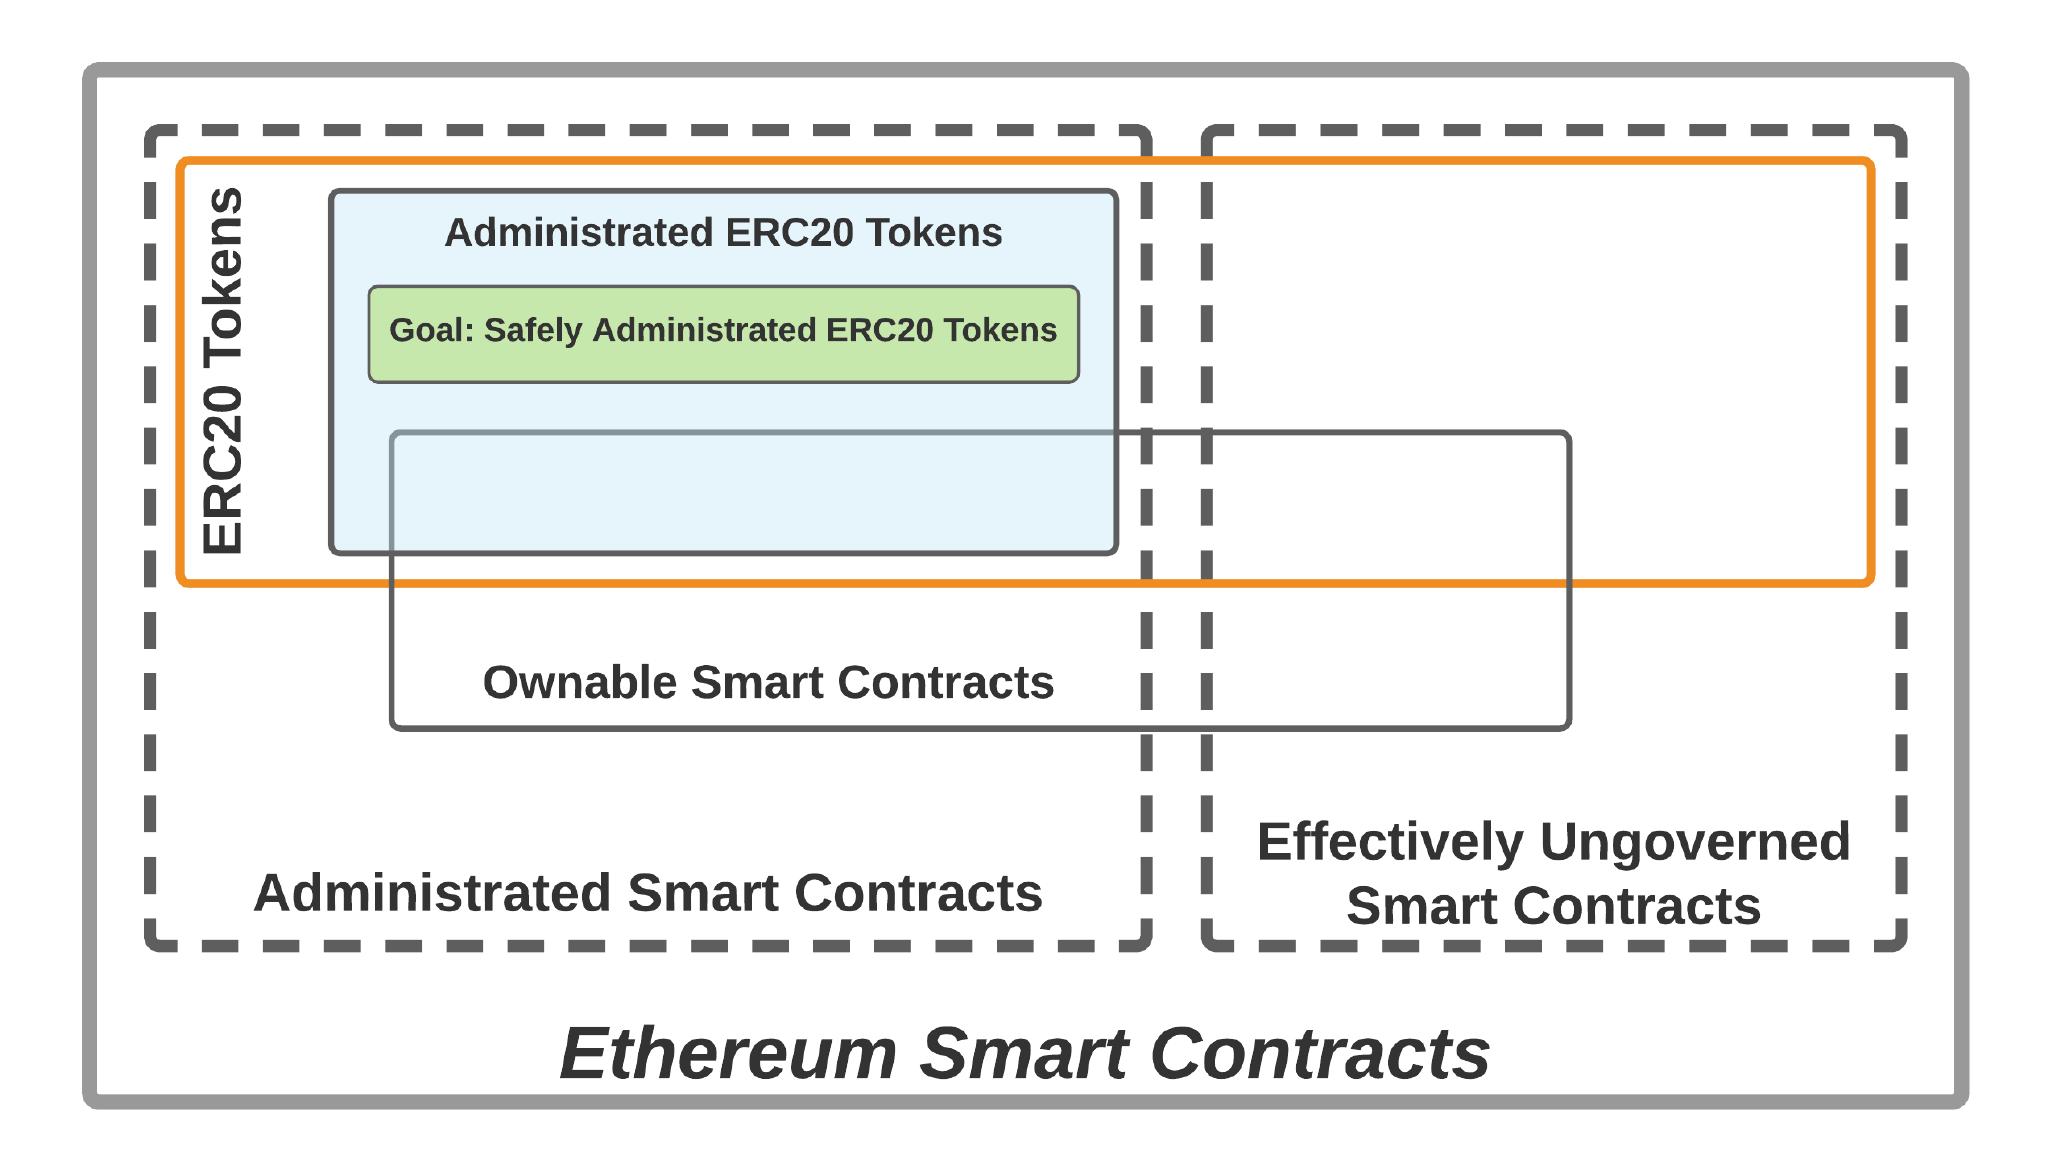 그림 1. 이더리움 스마트 컨트랙트 유형에 대한 벤 다이어그램